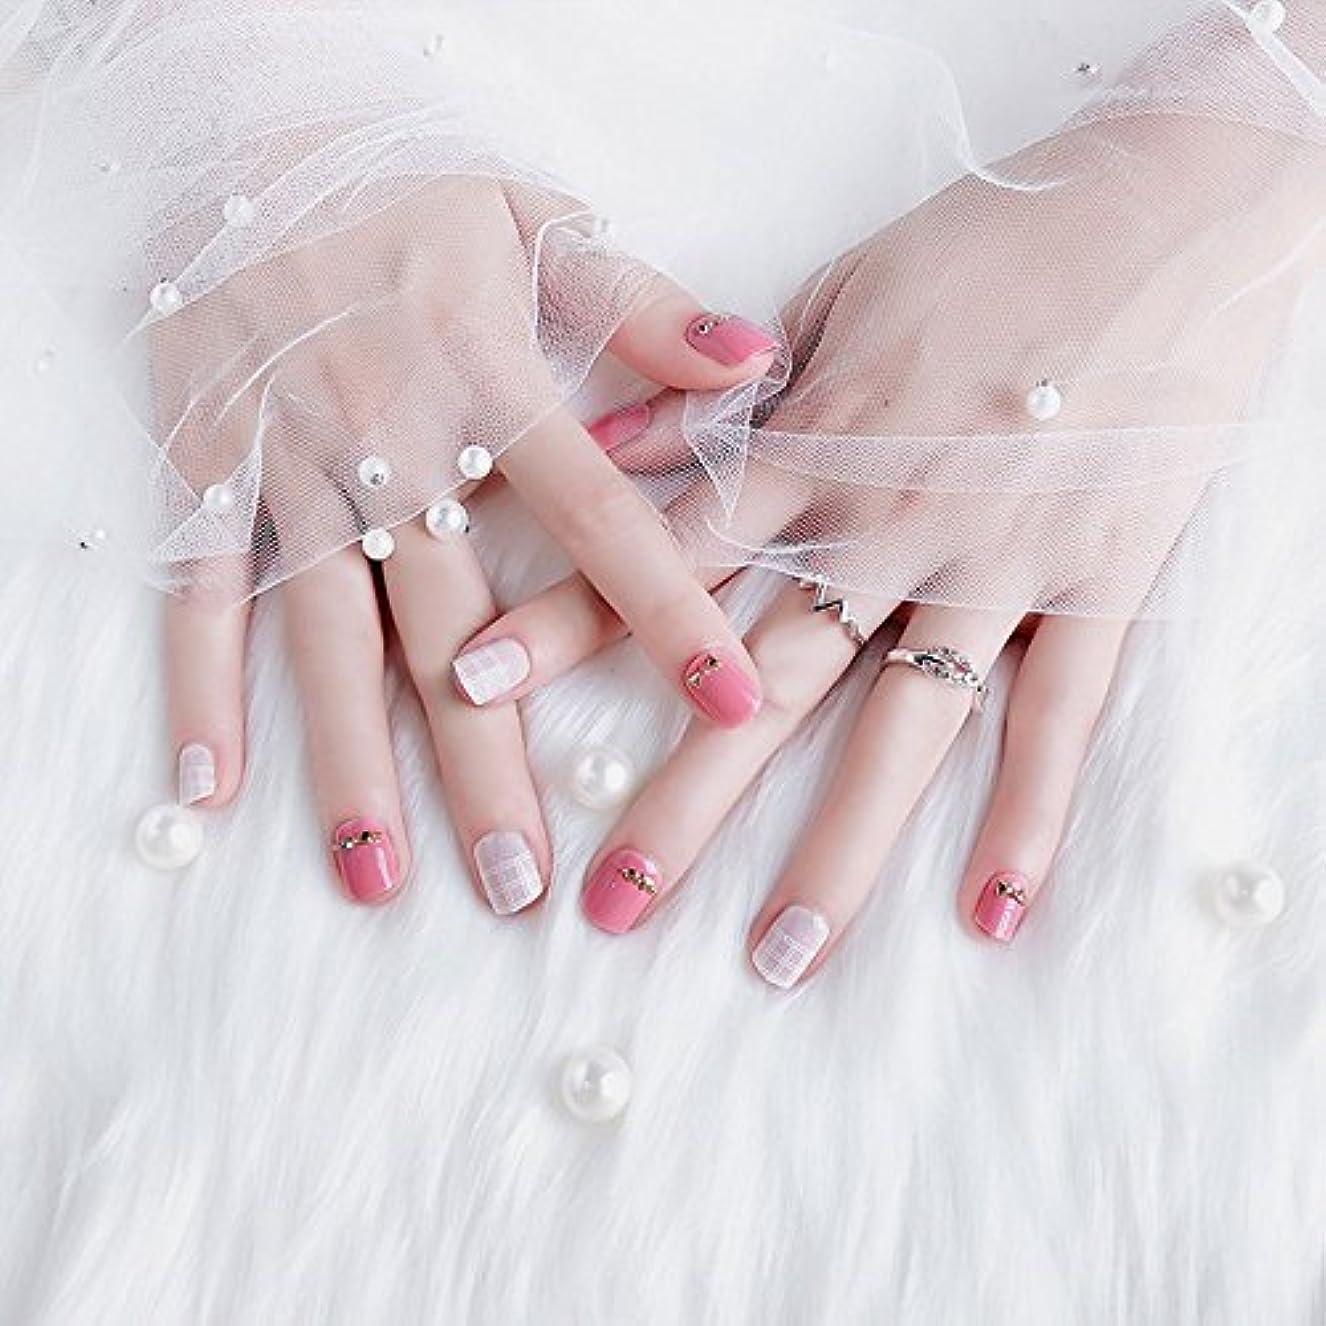 スーパー漂流穴おしゃれなネイルチップ 短いさネイルチップ 複数のスタイル 24枚入 結婚式、パーティー、二次会などに ネイルアート 手作りネイルチップ 両面接着テープ付き (ピンク)